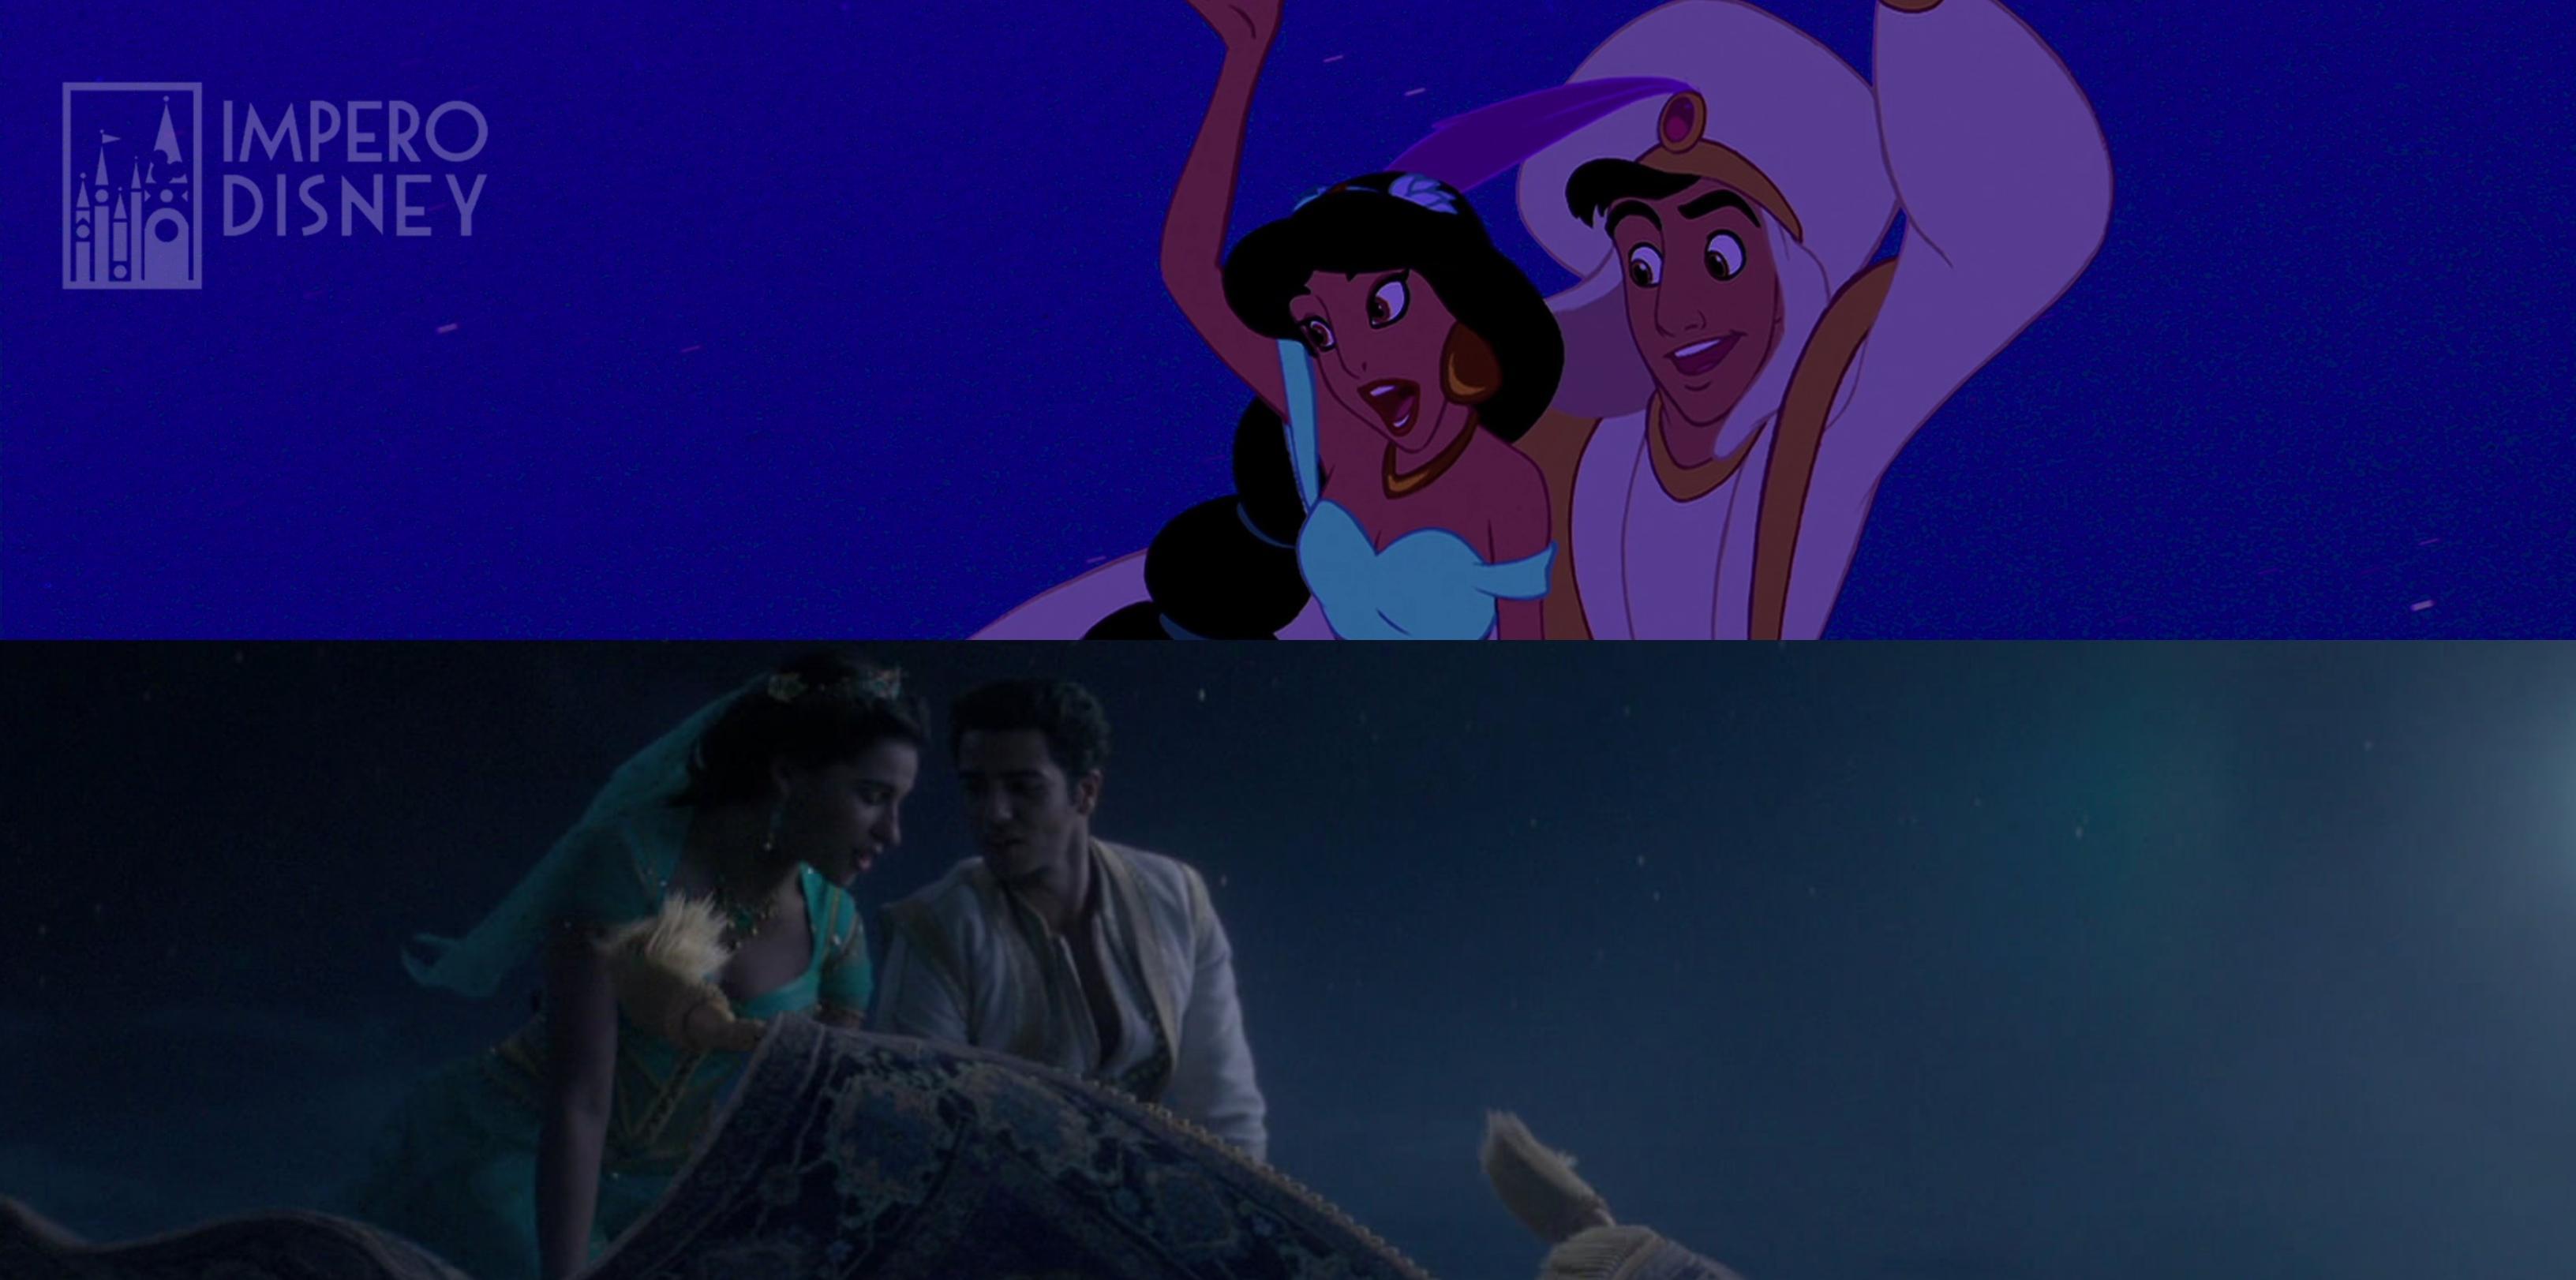 Aladdin il mondo è mio